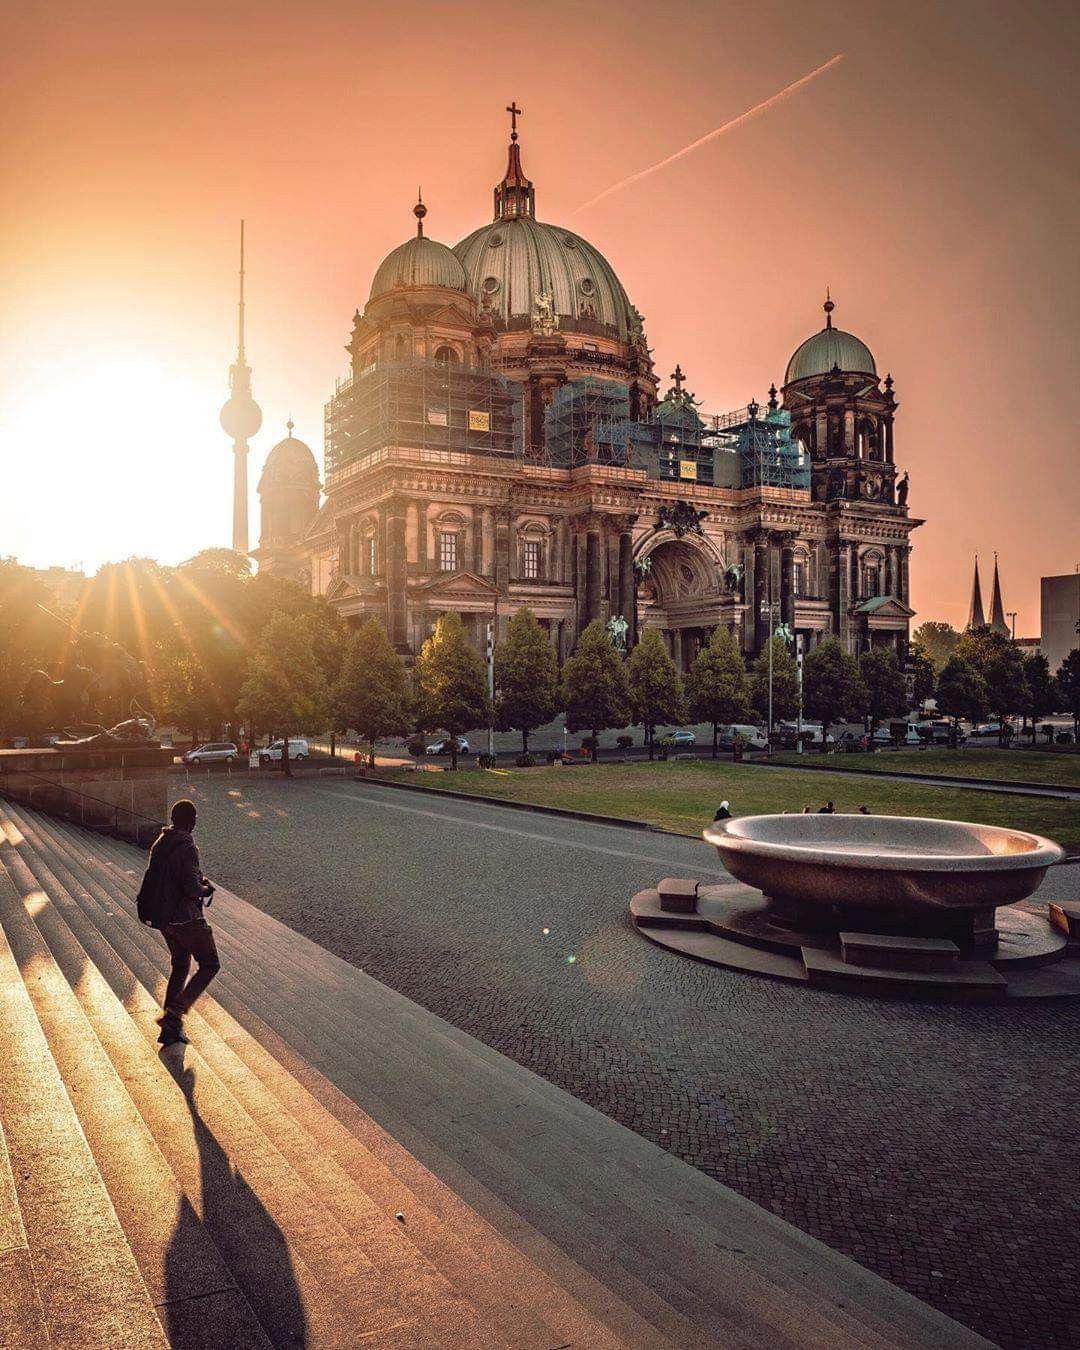 Pin Von Jessie Garcia Auf Berlin Alemania Berlin Fotos Instagram Ideen Bilder Bilder